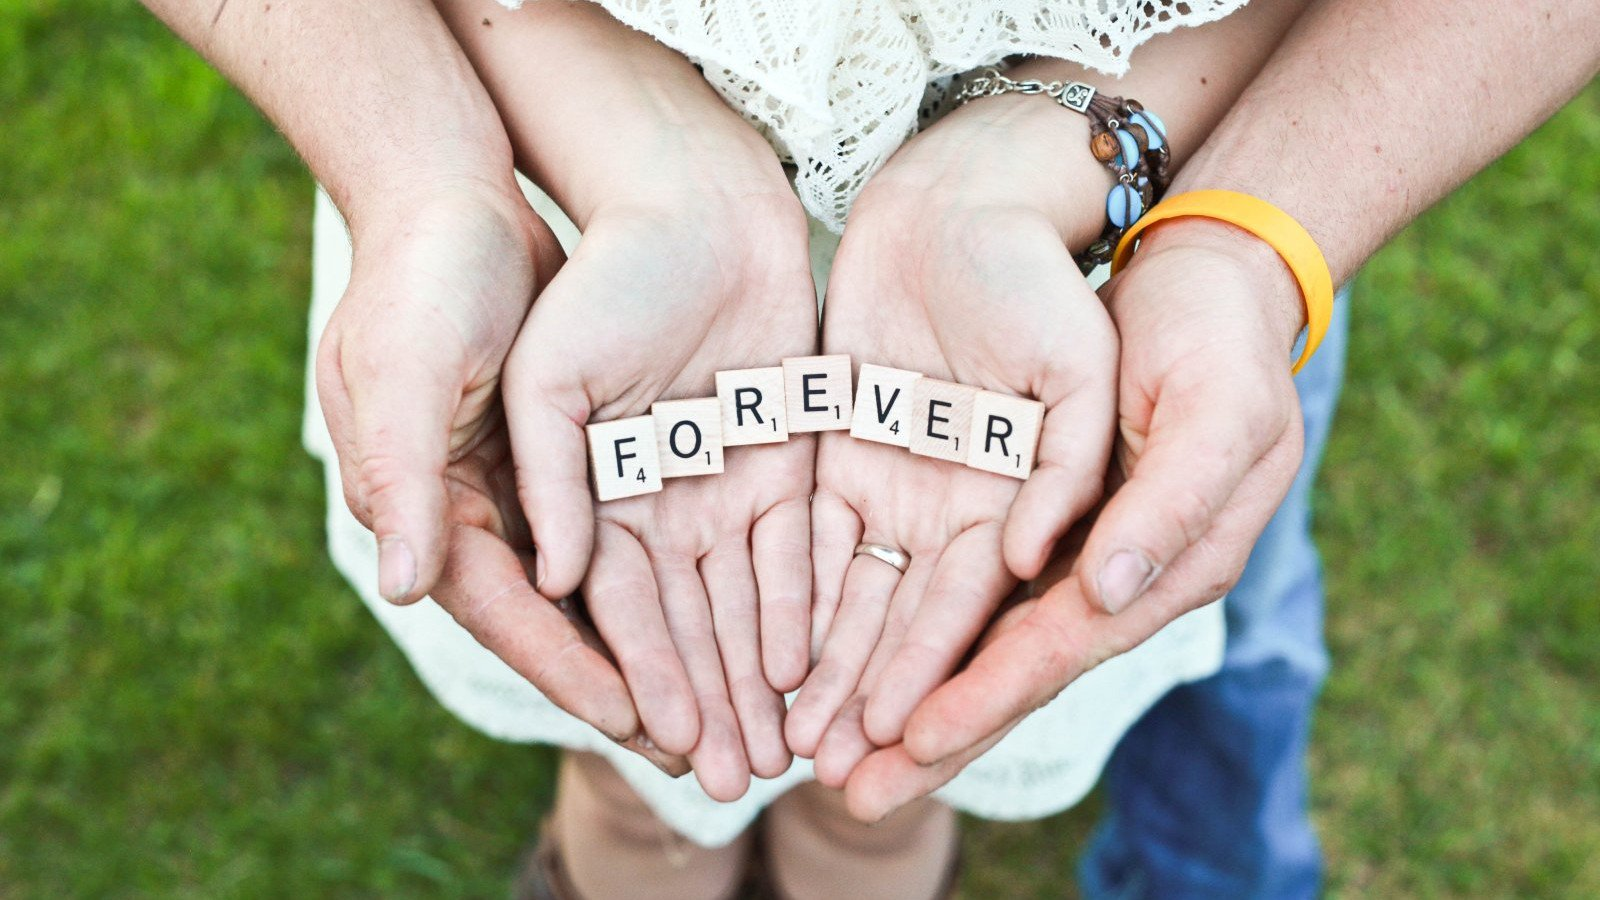 Bonitos mensajes de amor para dedicar a tu pareja y expresar lo que piensas.